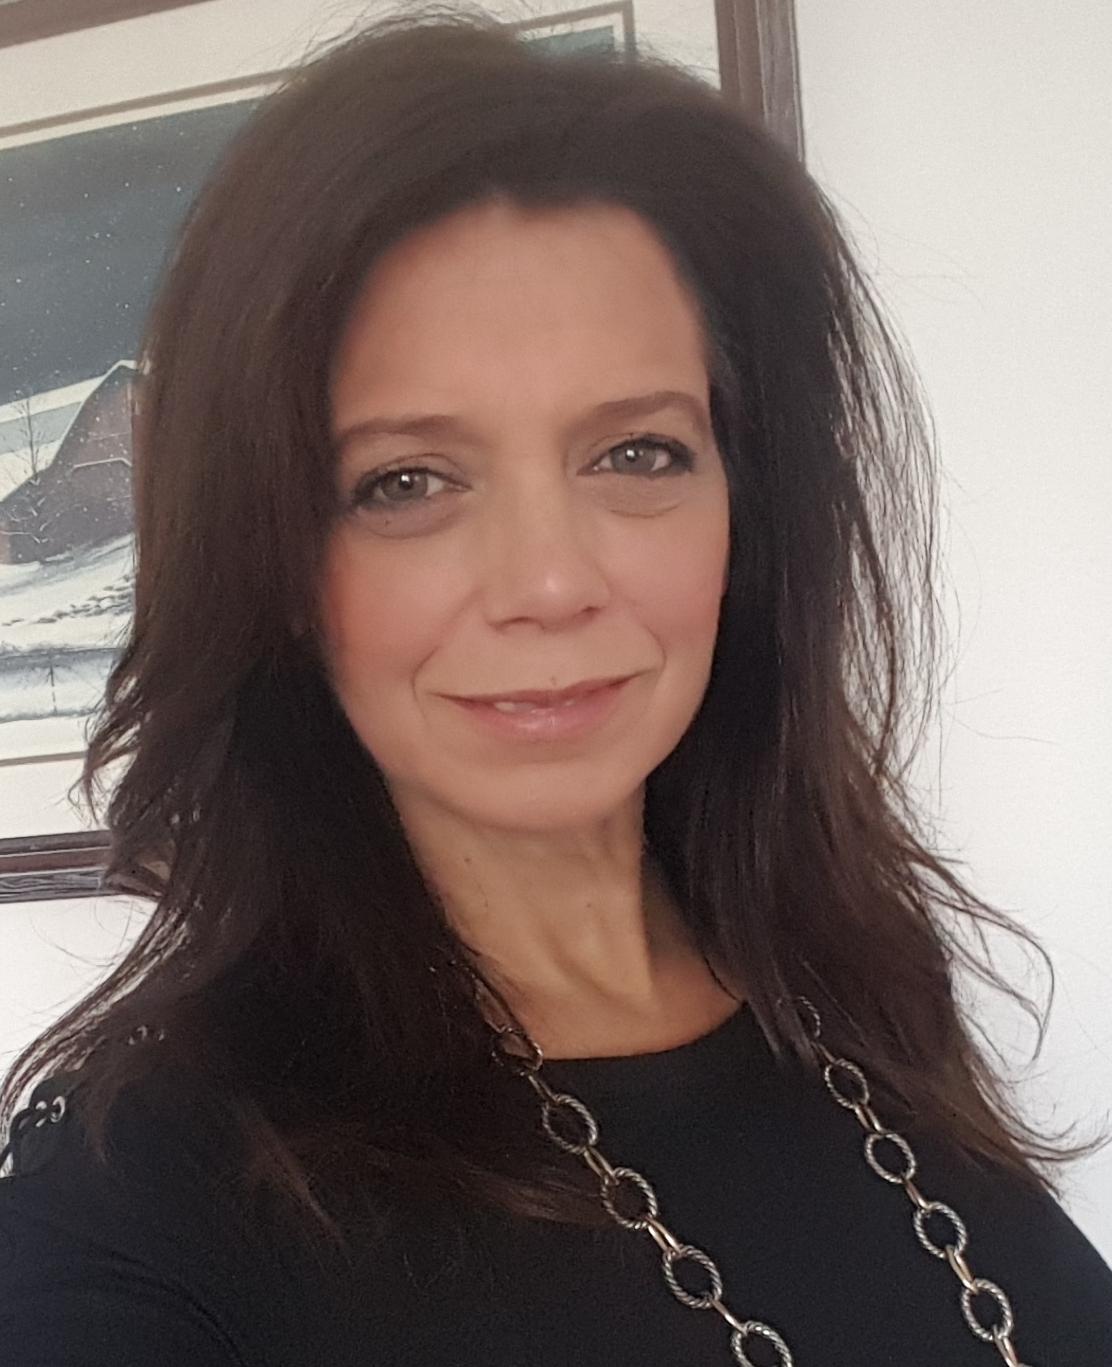 Christine Okomski